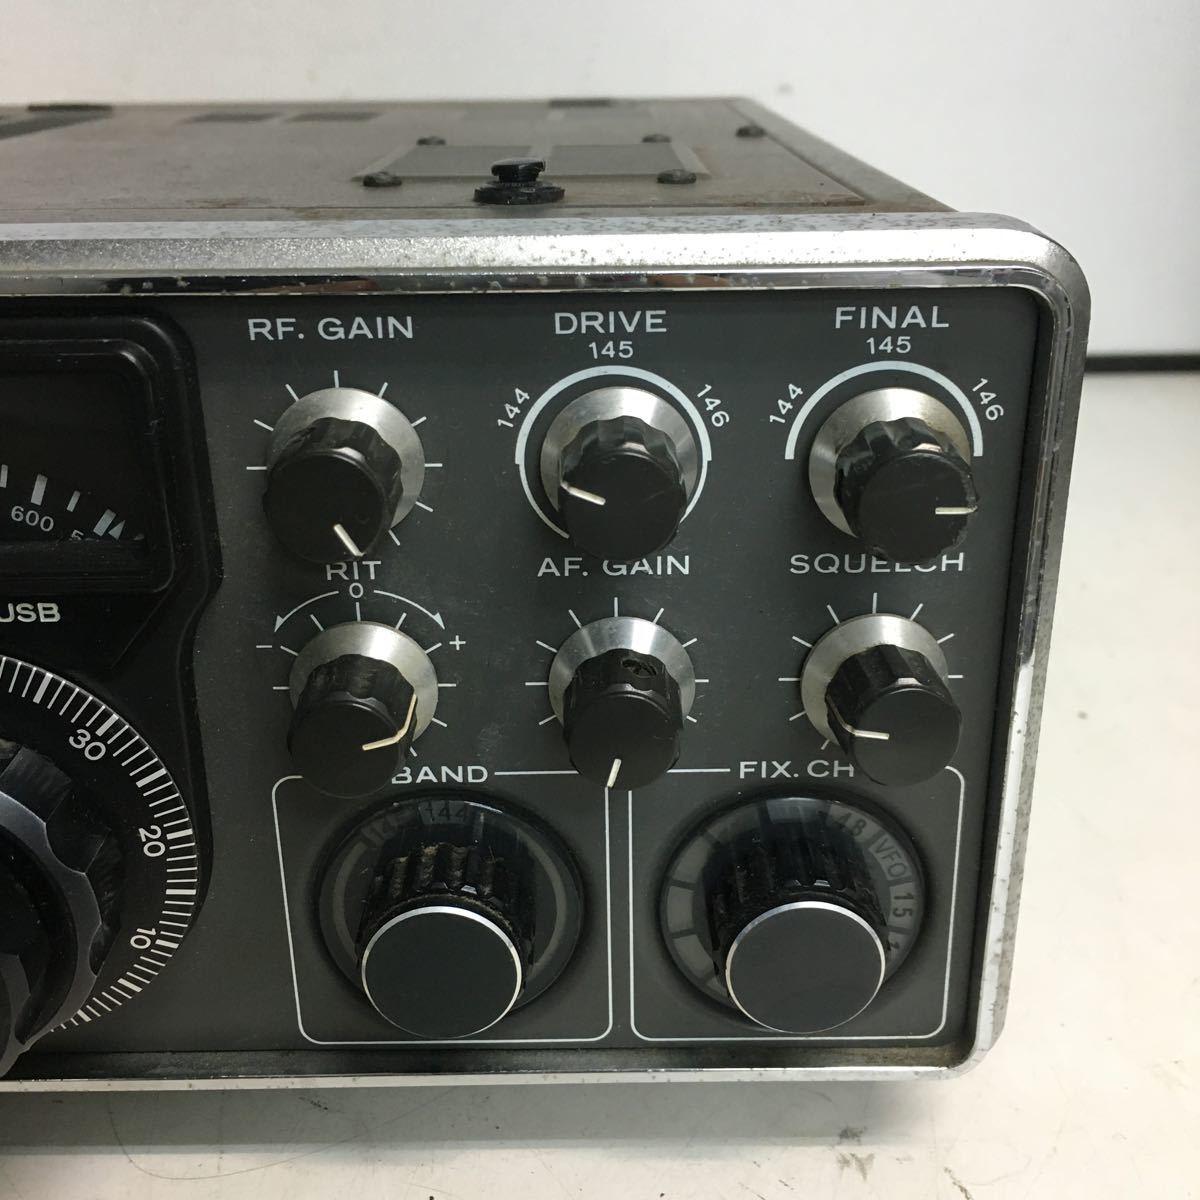 E066 TRIO トリオ TS-700 トランシーバー アマチュア無線機/本体のみ ジャンク品_画像8